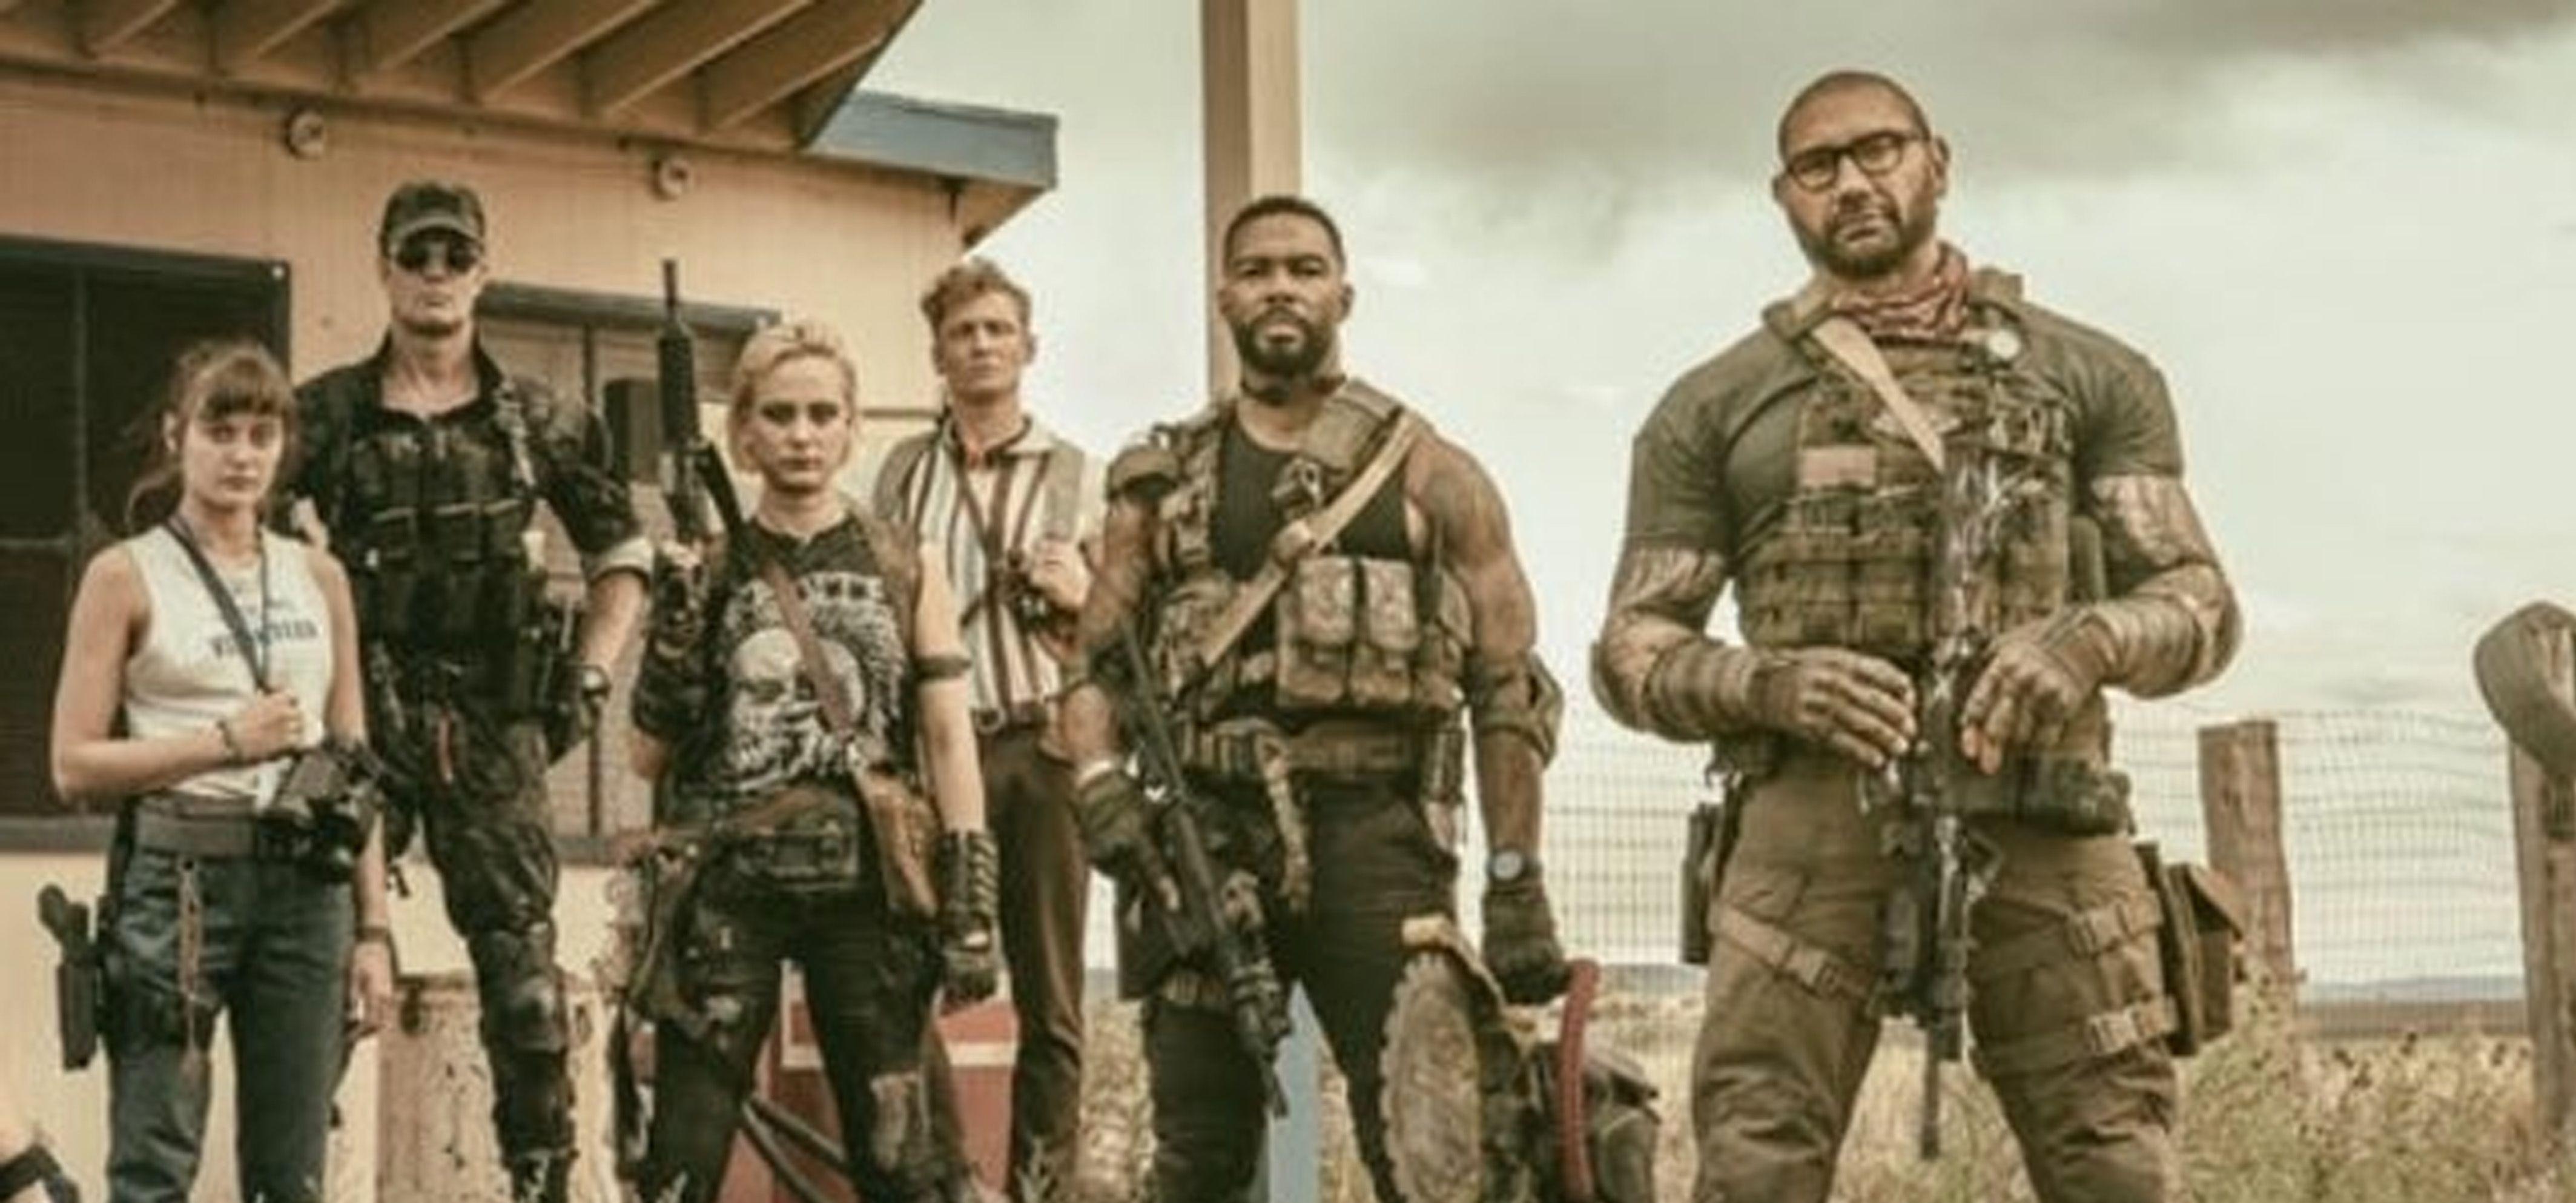 Ejército de los muertos 2021': crítica del estreno de Netflix